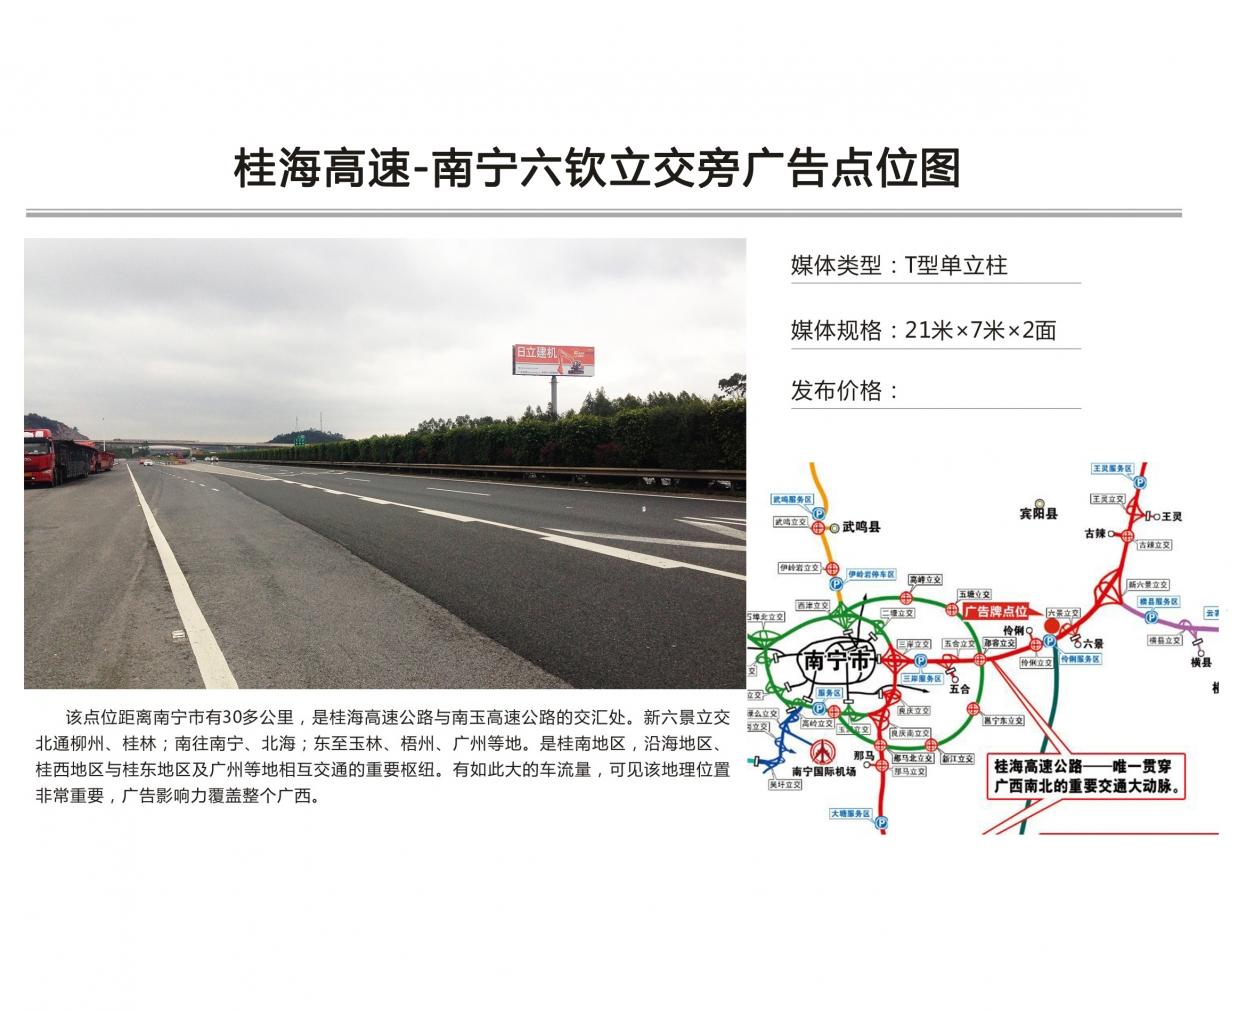 桂海高速-南宁六钦立交旁广告点位图